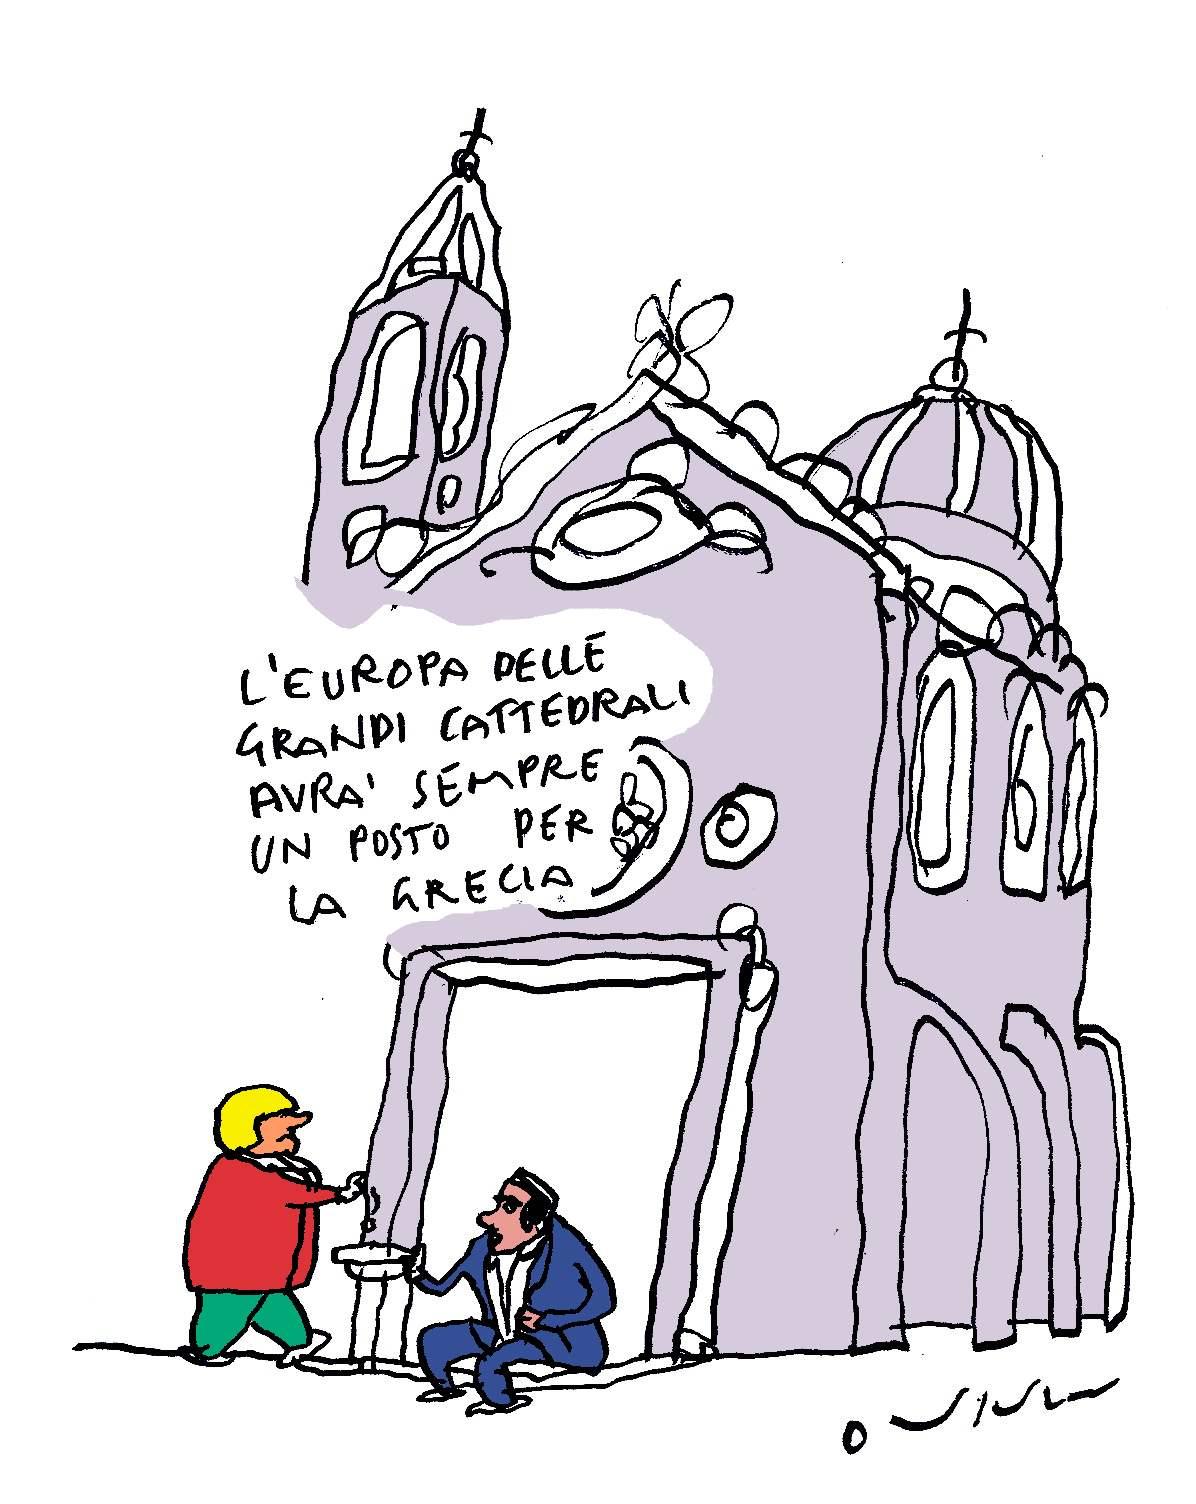 l'europa delle grandi cattedrakli